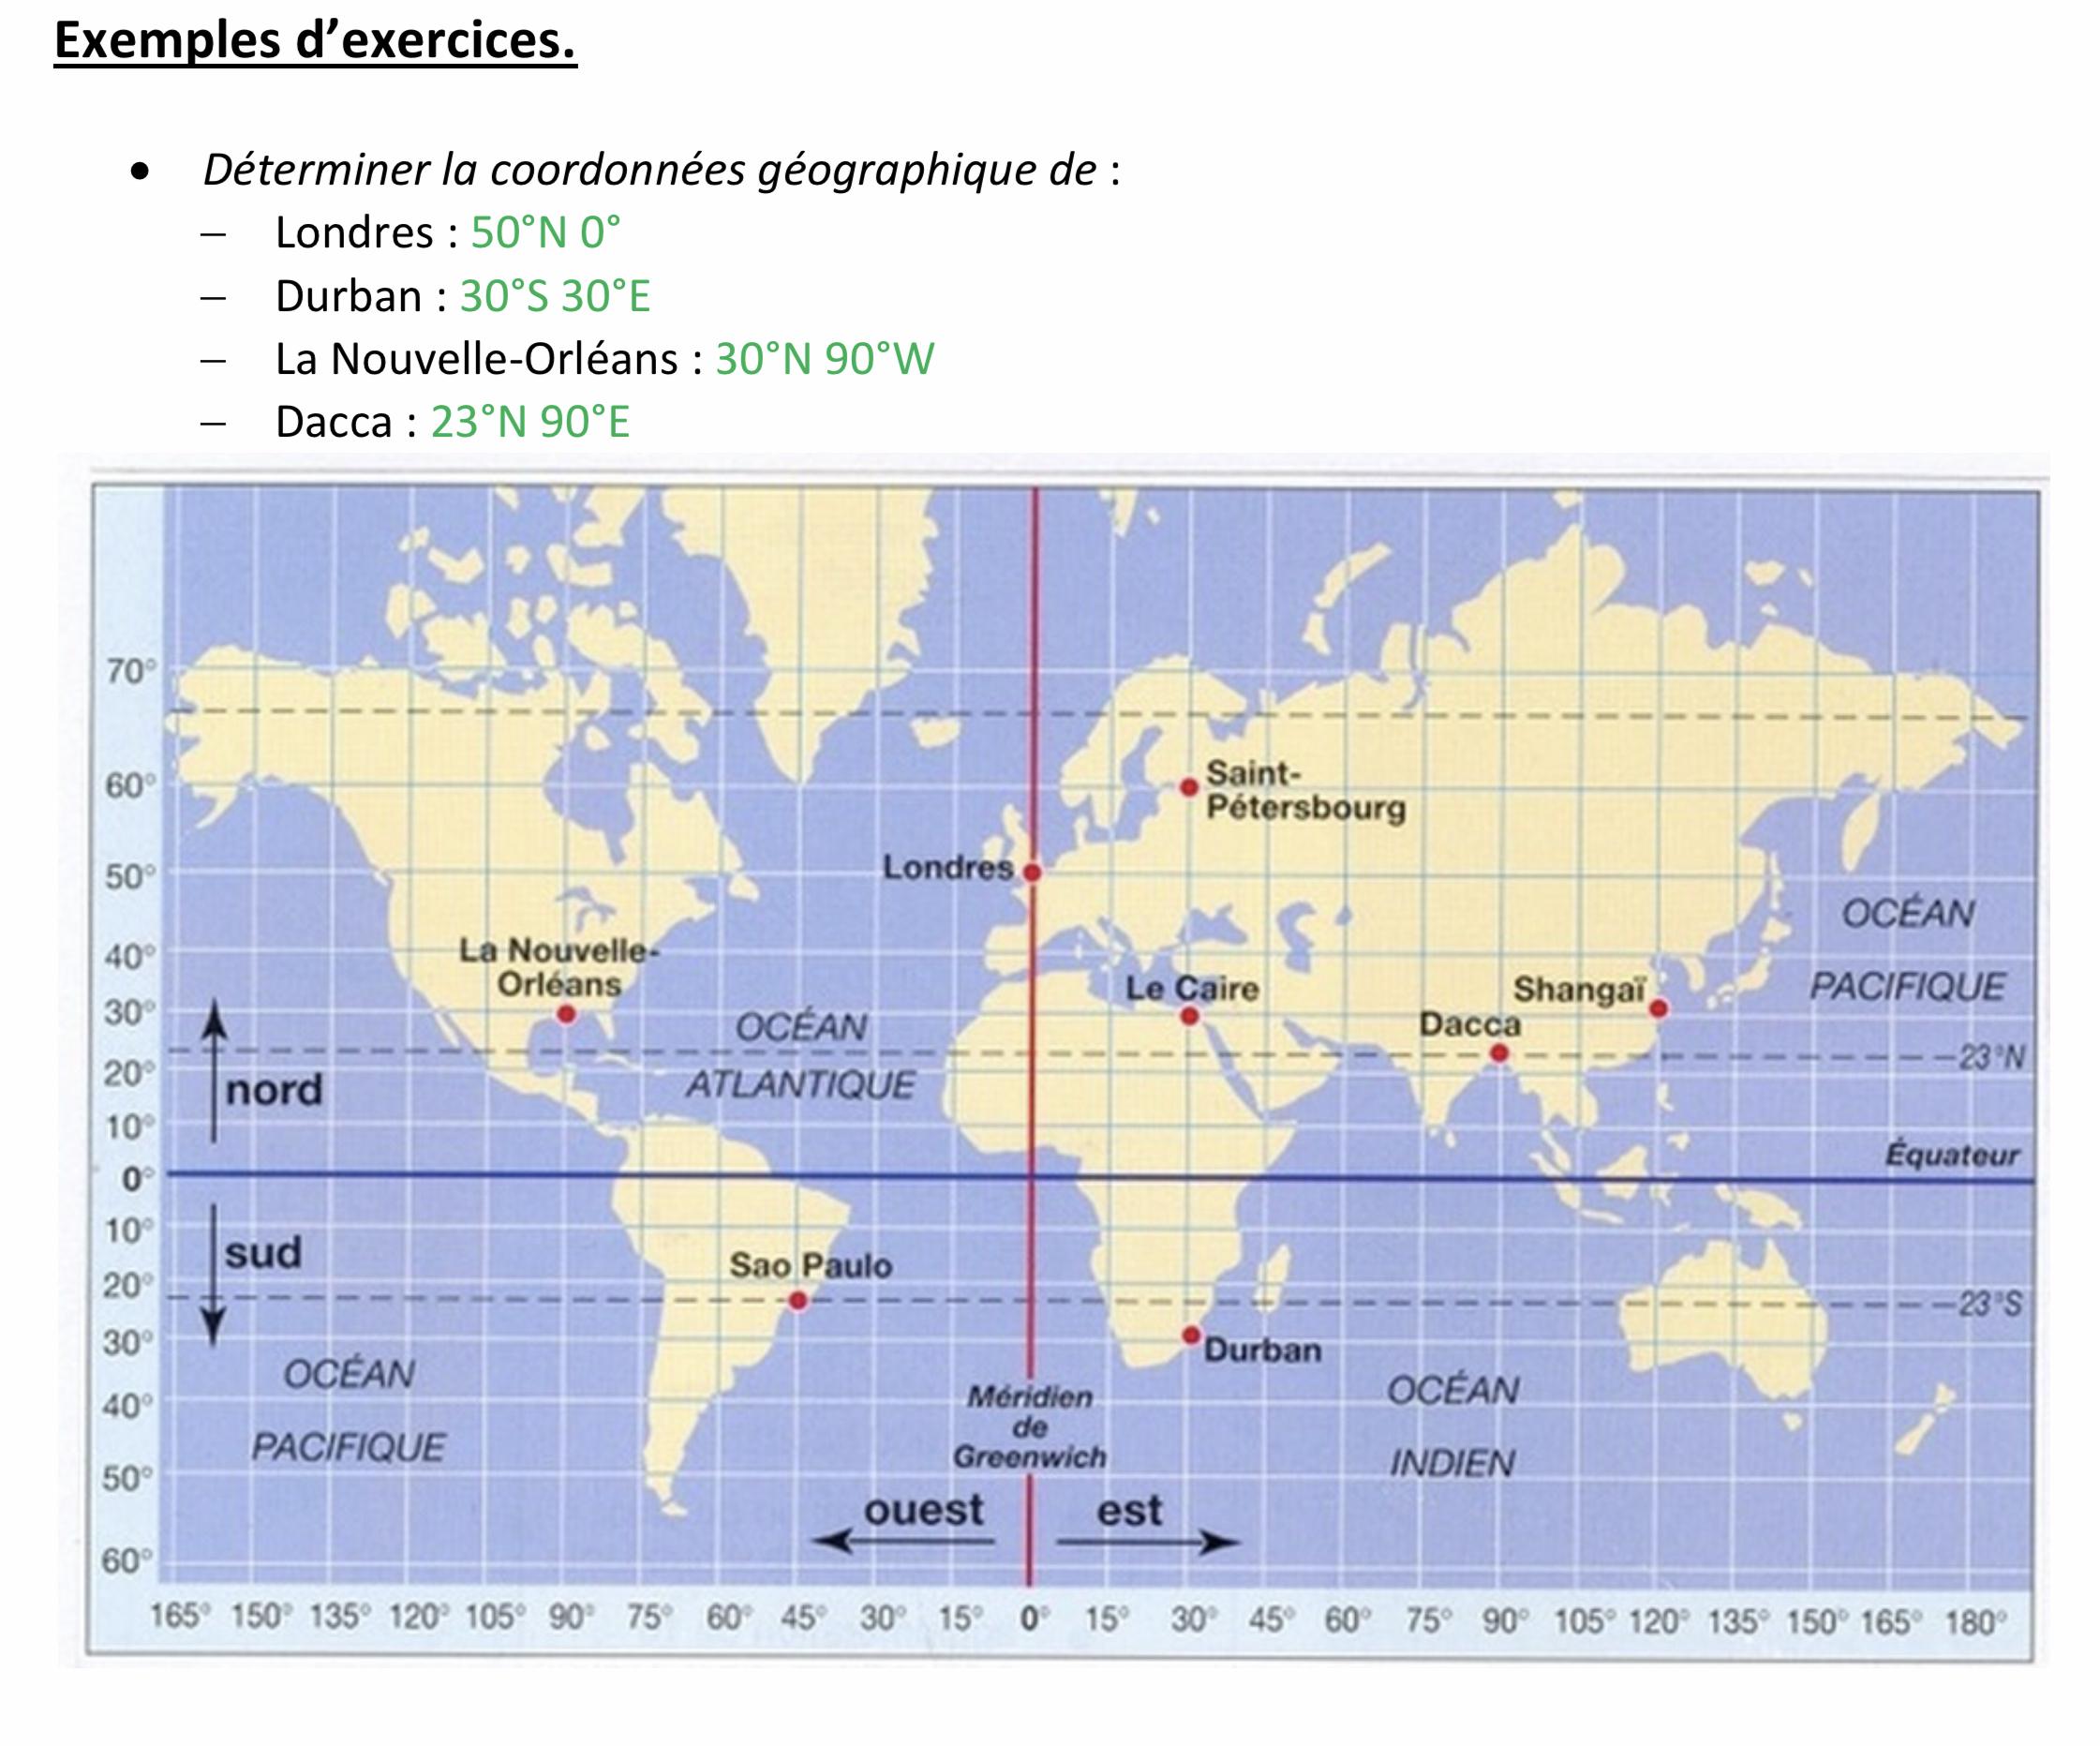 Coordonnées sphériques ou géographiques